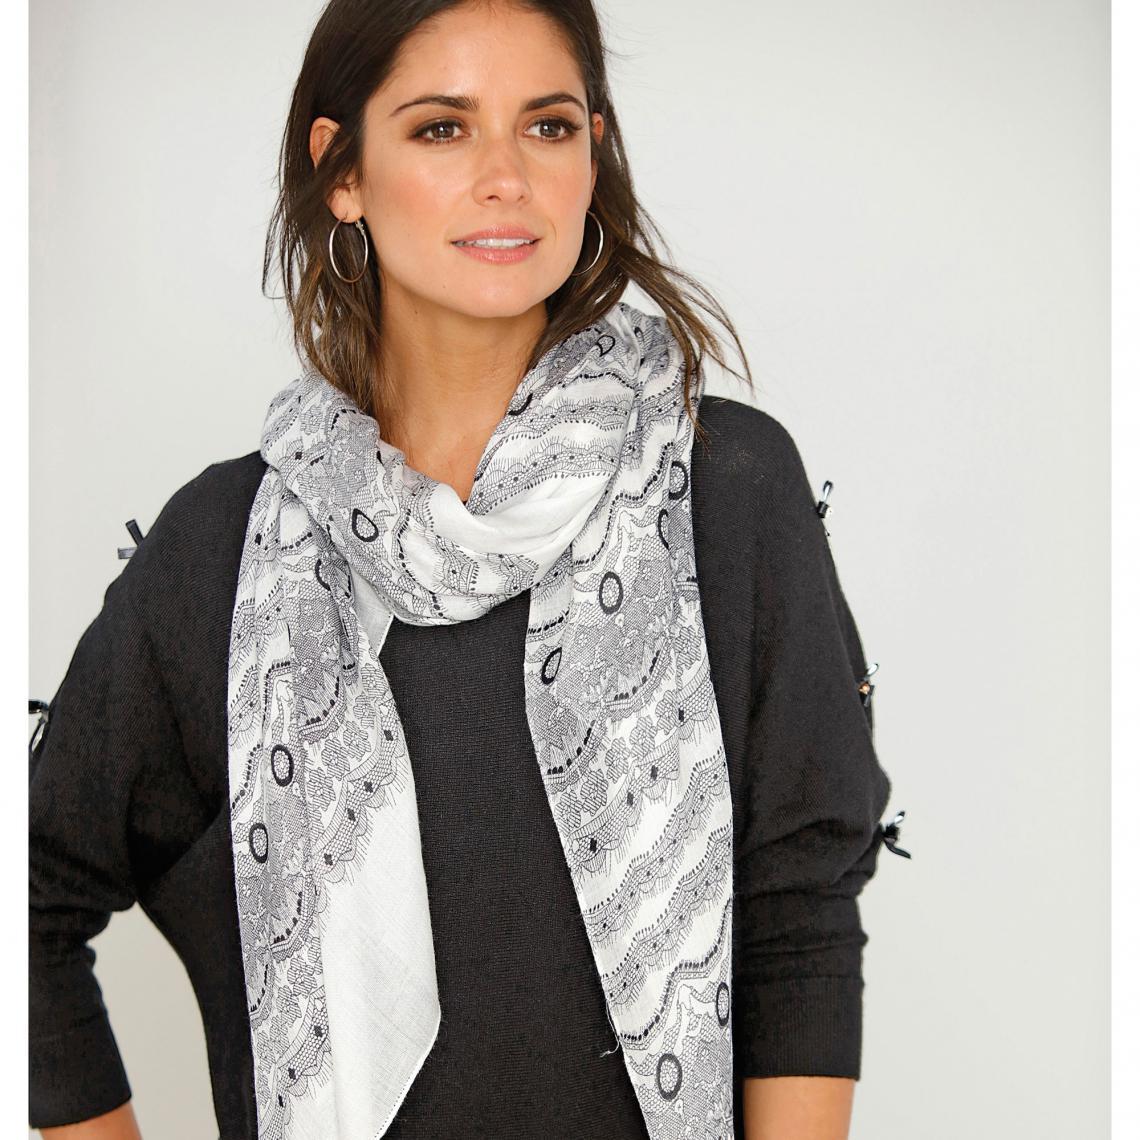 Foulard rectangulaire imprimé aspect dentelle femme - Blanc - Noir Venca  Femme 92d5ea31682